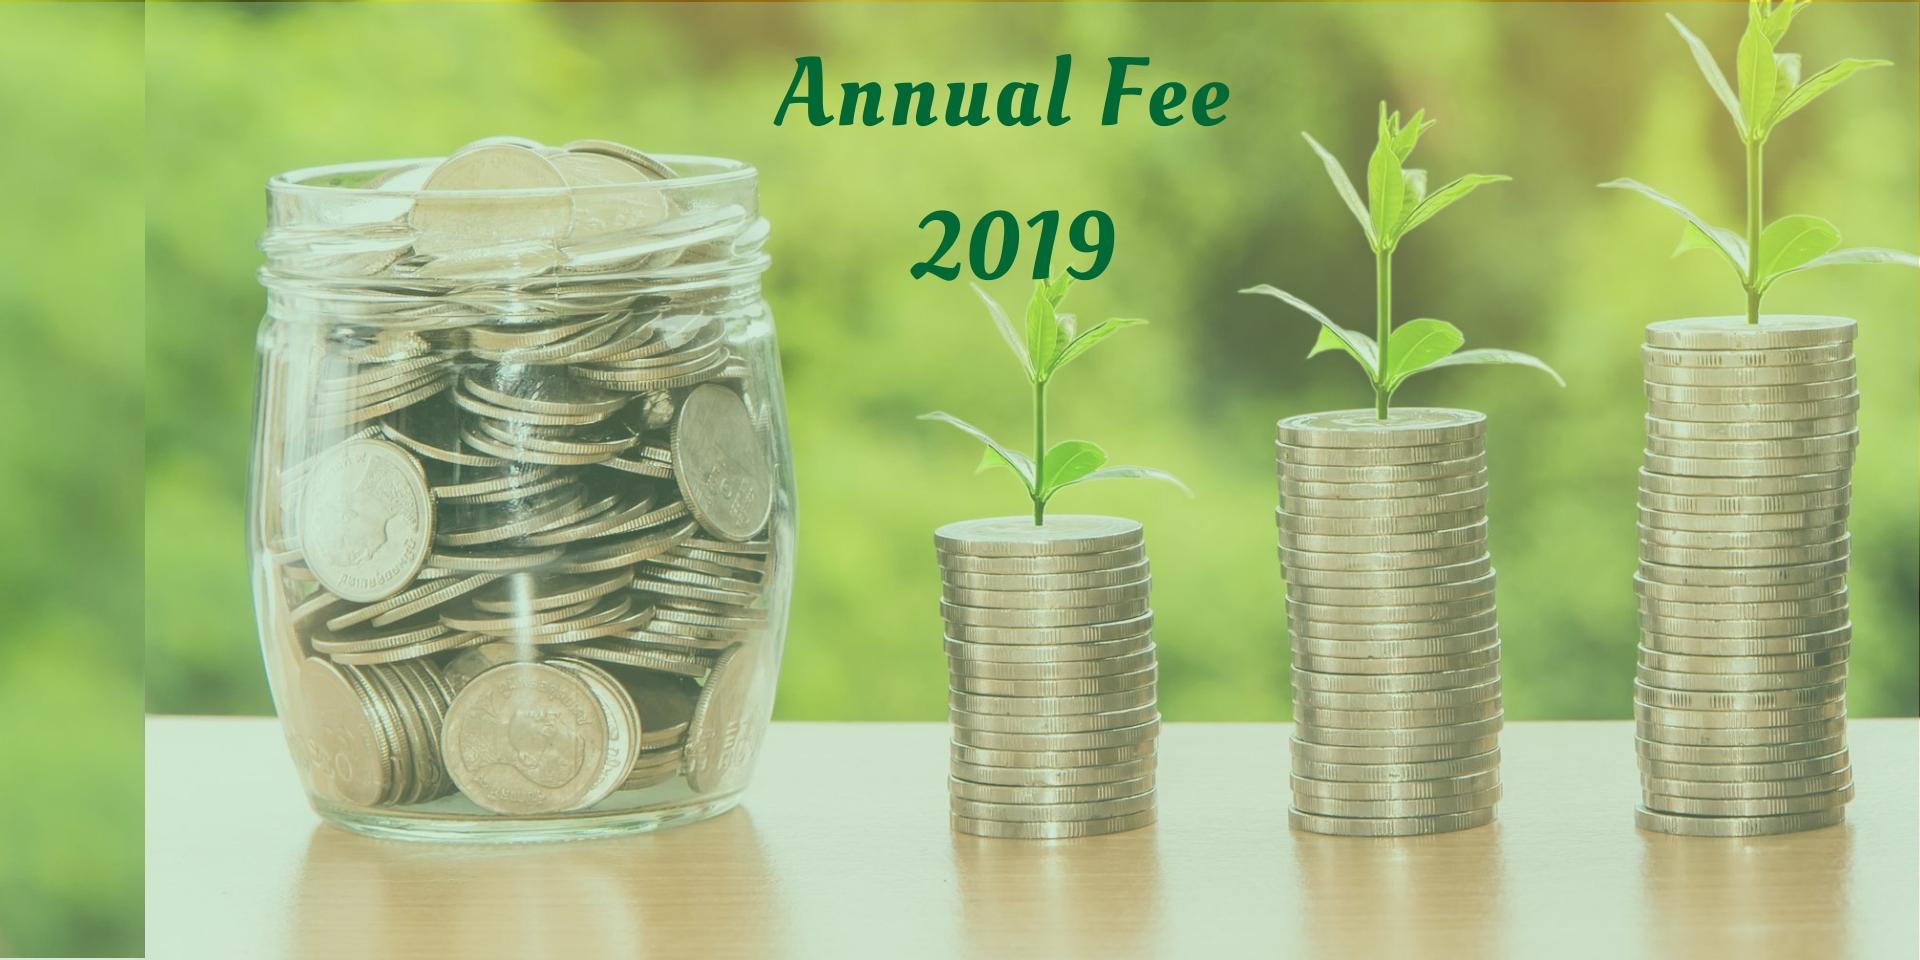 Annual Fee 2019